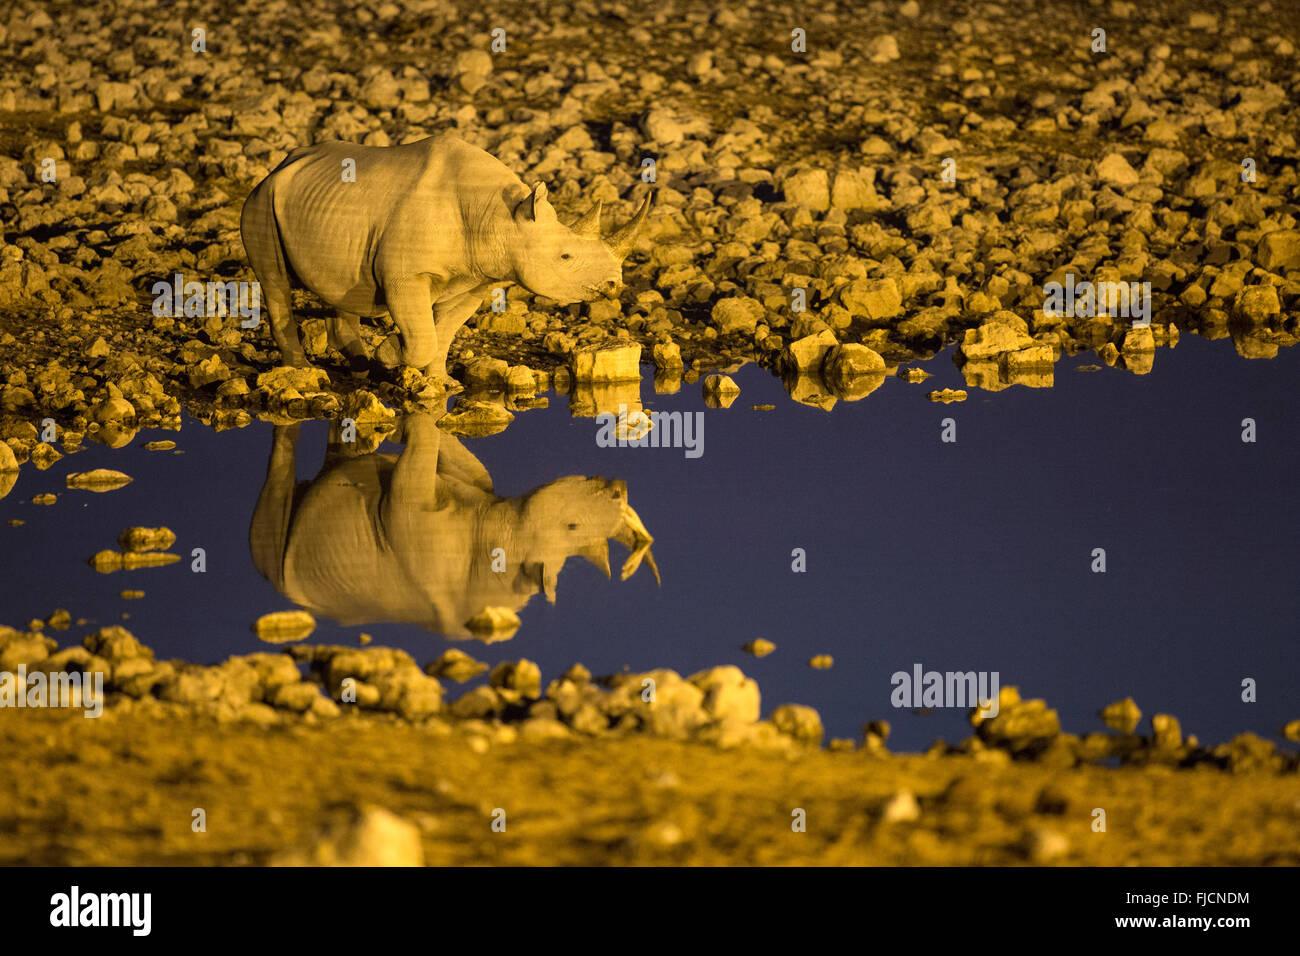 Rhino manger dans un trou d'eau éclairé Photo Stock